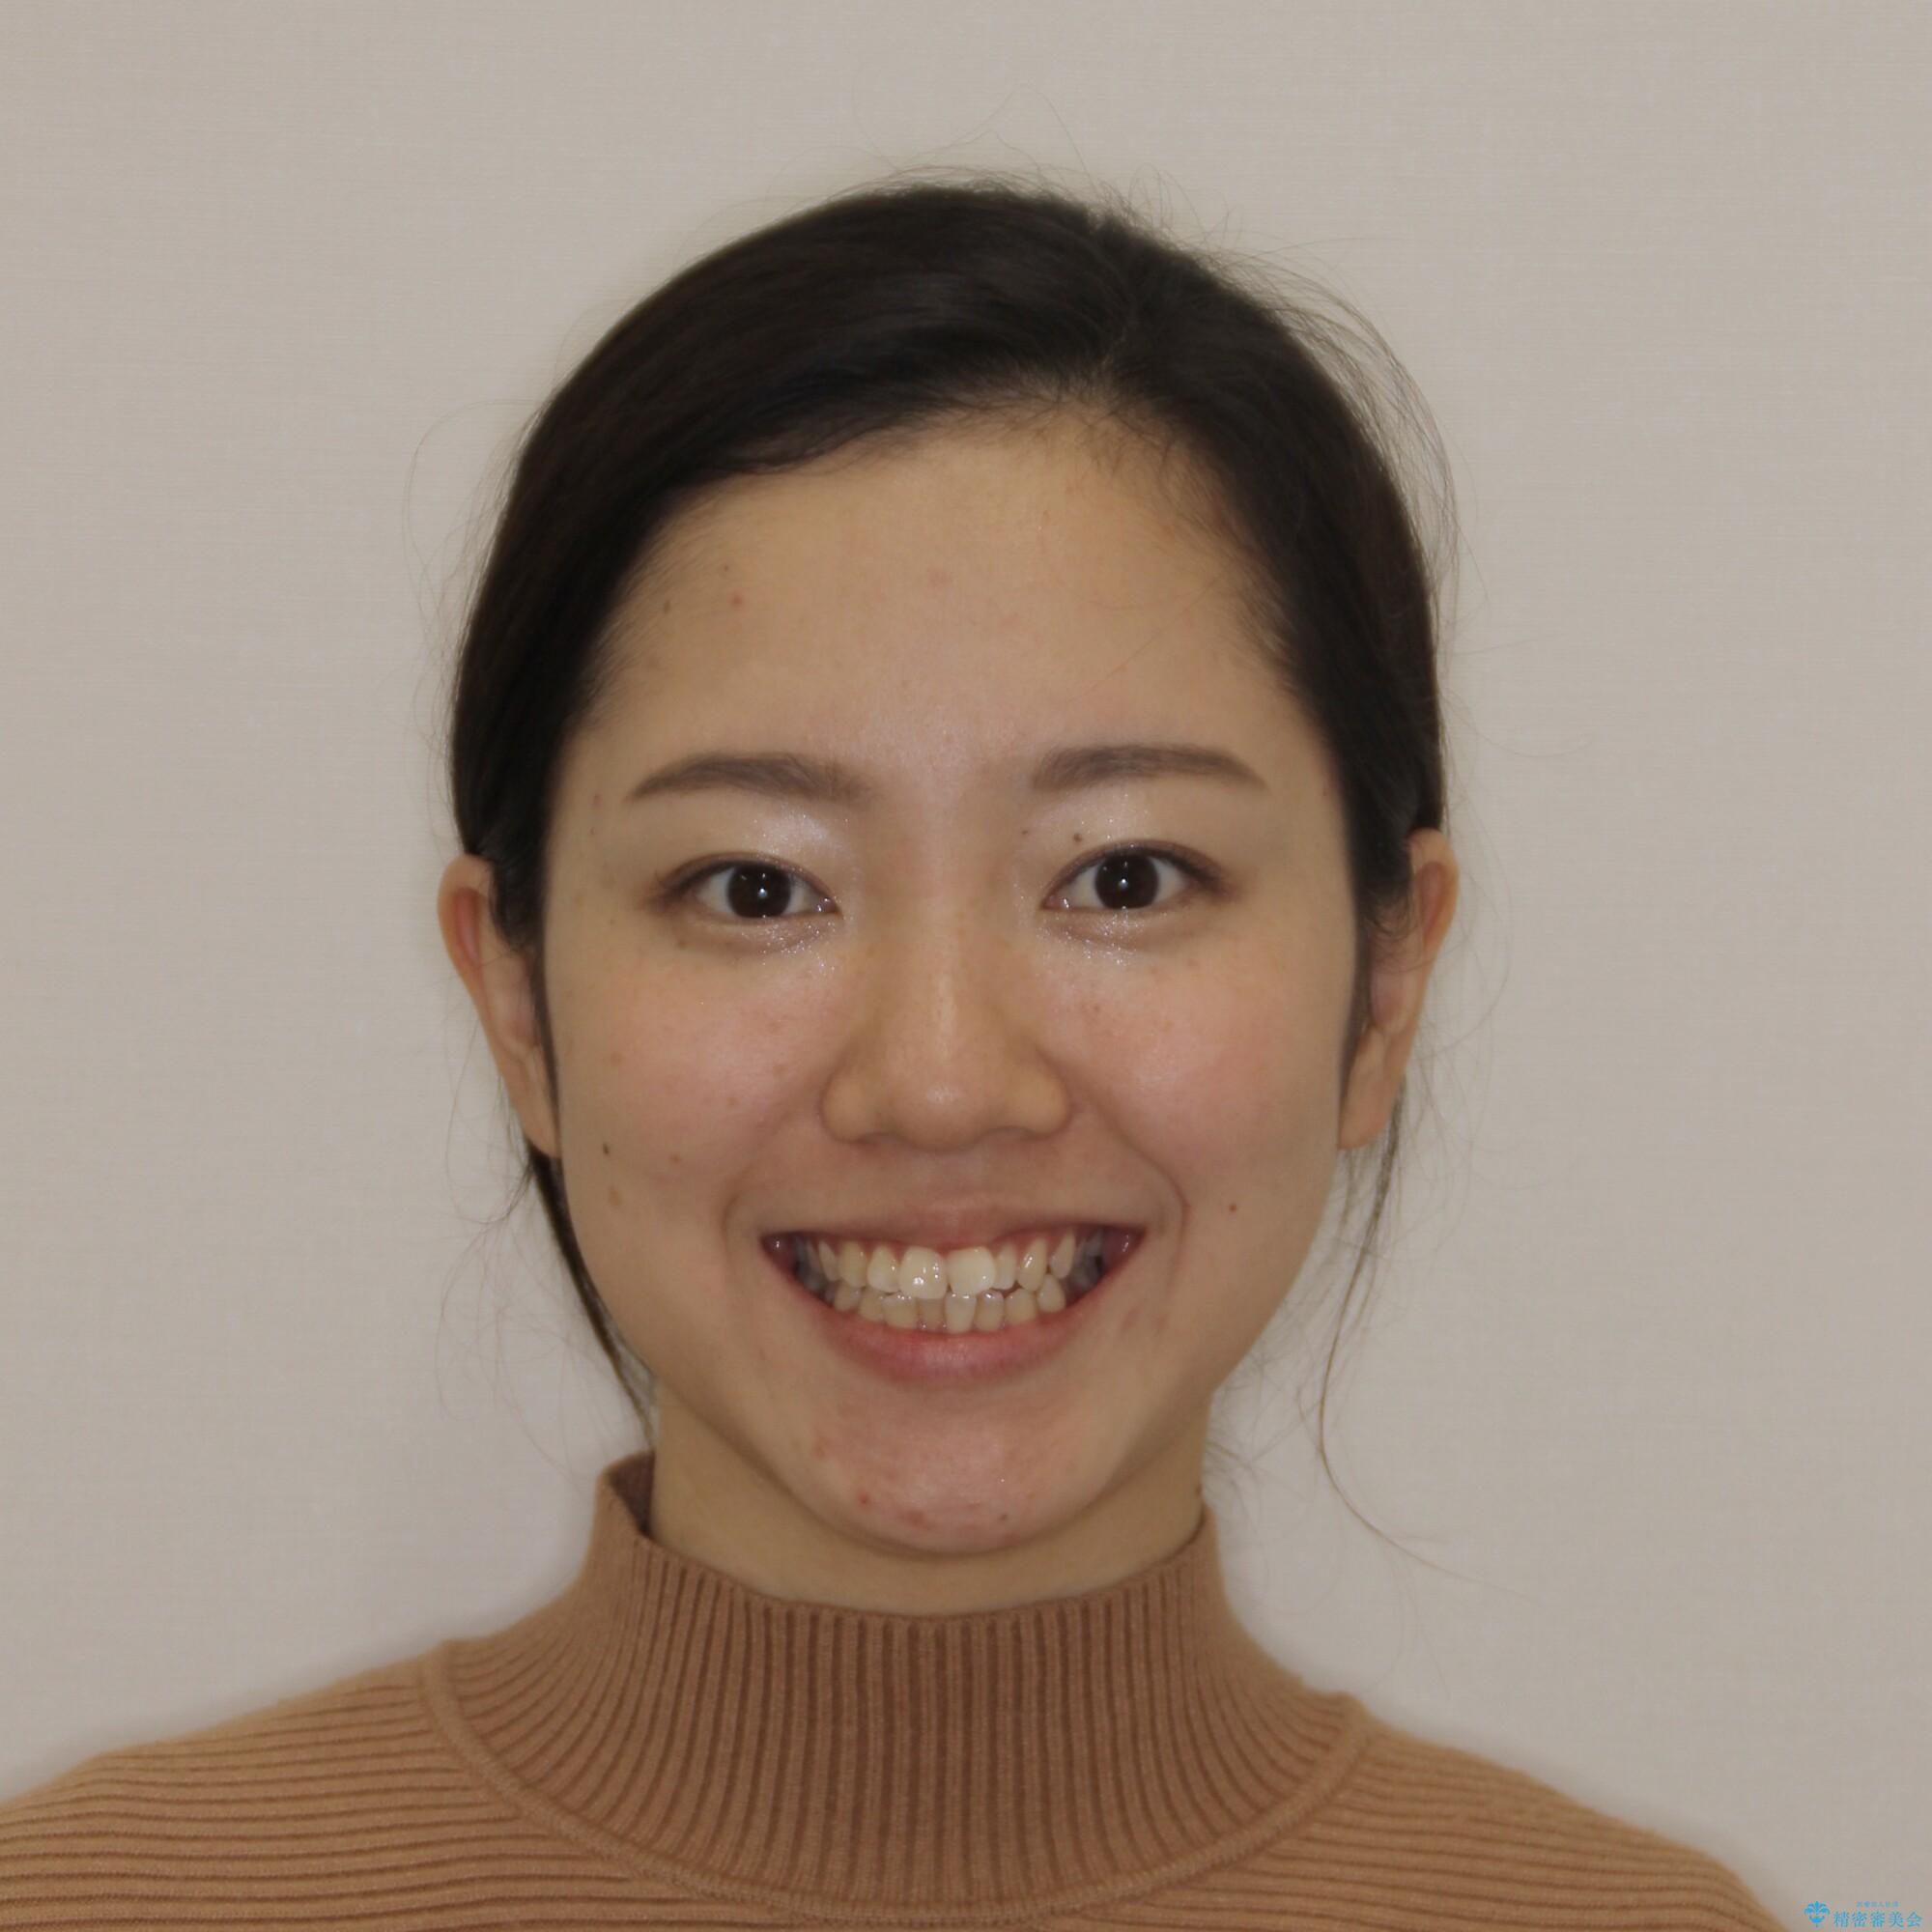 【モニター】オープンバイトをインビザラインで矯正治療の治療前(顔貌)